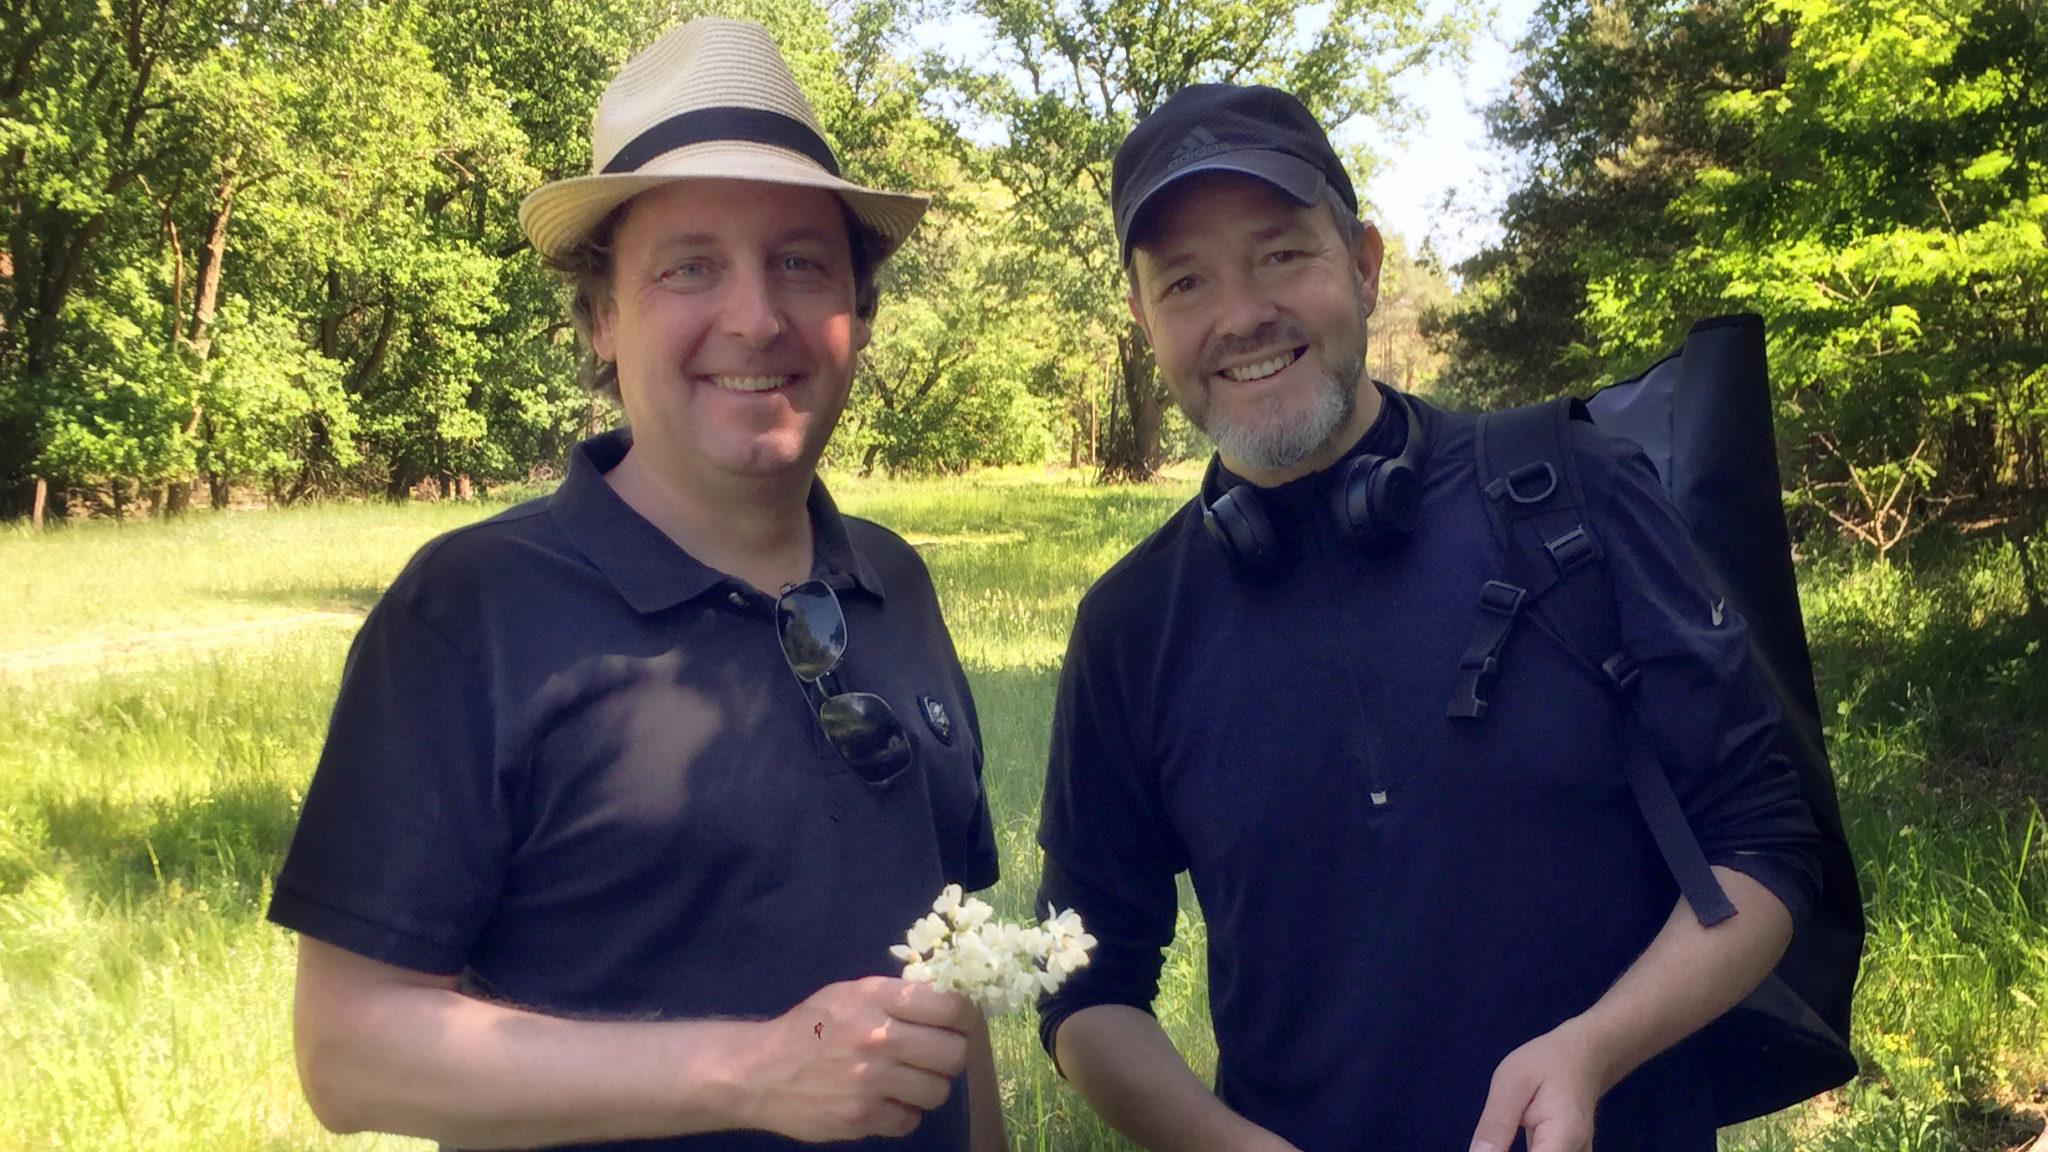 Marco Müller (51) mit GE Mitherausgeber Jürgen Wenzel beim Kräutersammeln im Wald. Foto JW